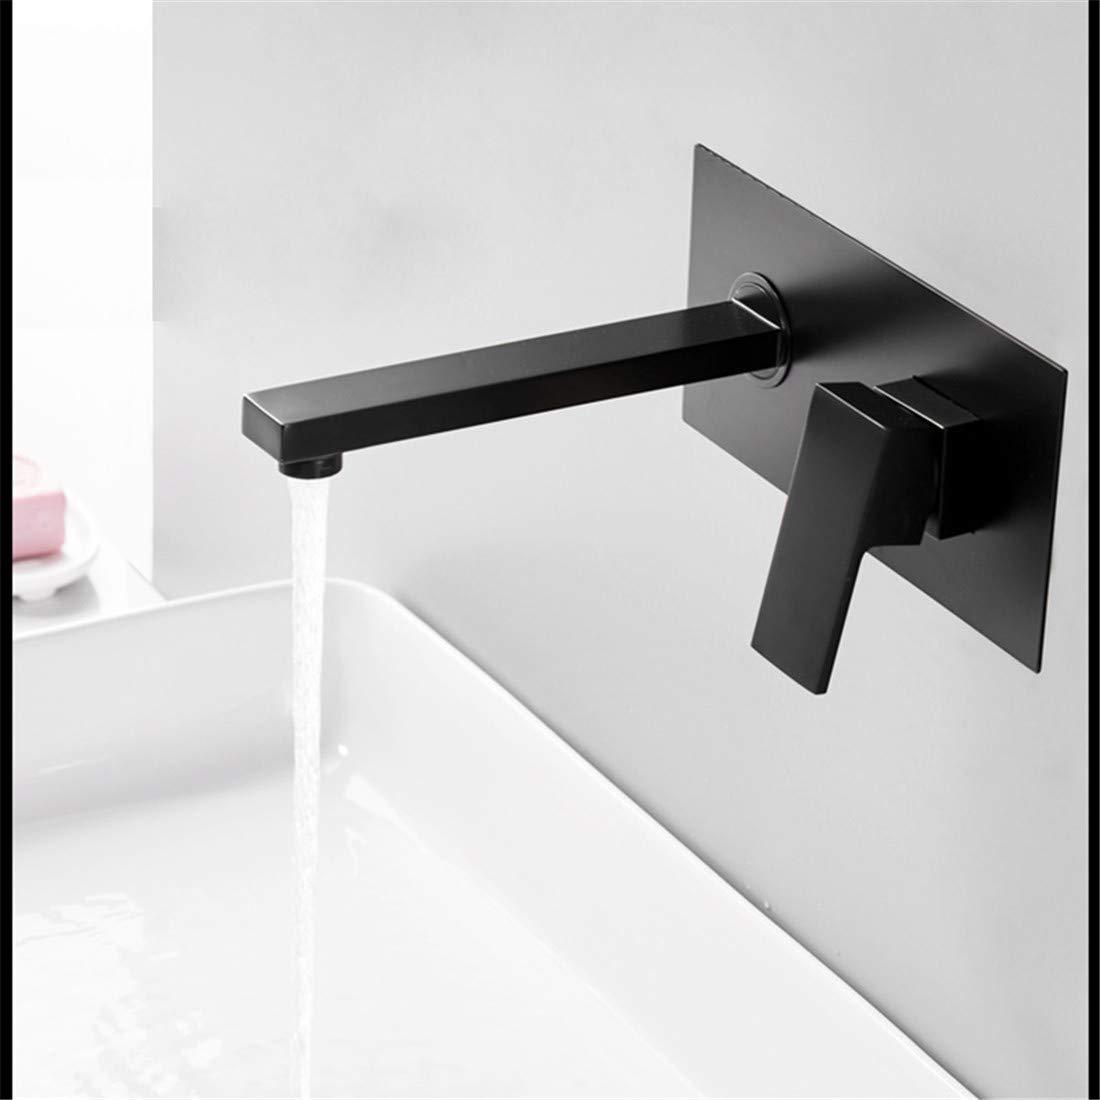 Retro Plattiert Heiß Und Kalt Wasserhahn Wasserhahnluxuxmattschwarzes Badezimmer-Hahn-Becken-Wannen-Hahn Wand Angebracht